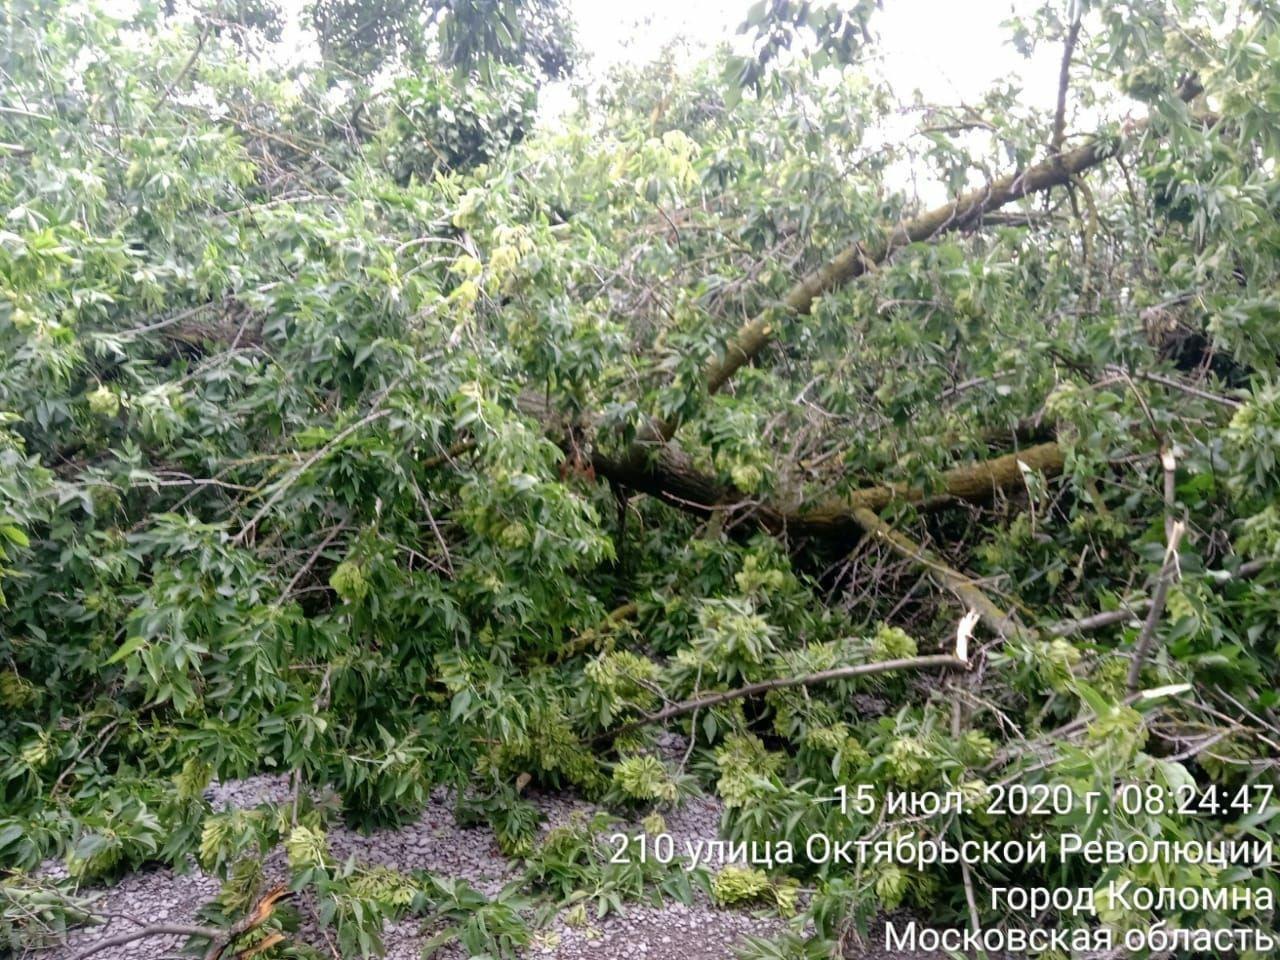 Больше 20 сигналов о поваленных деревьях получили от жителей в Департаменте городского хозяйства